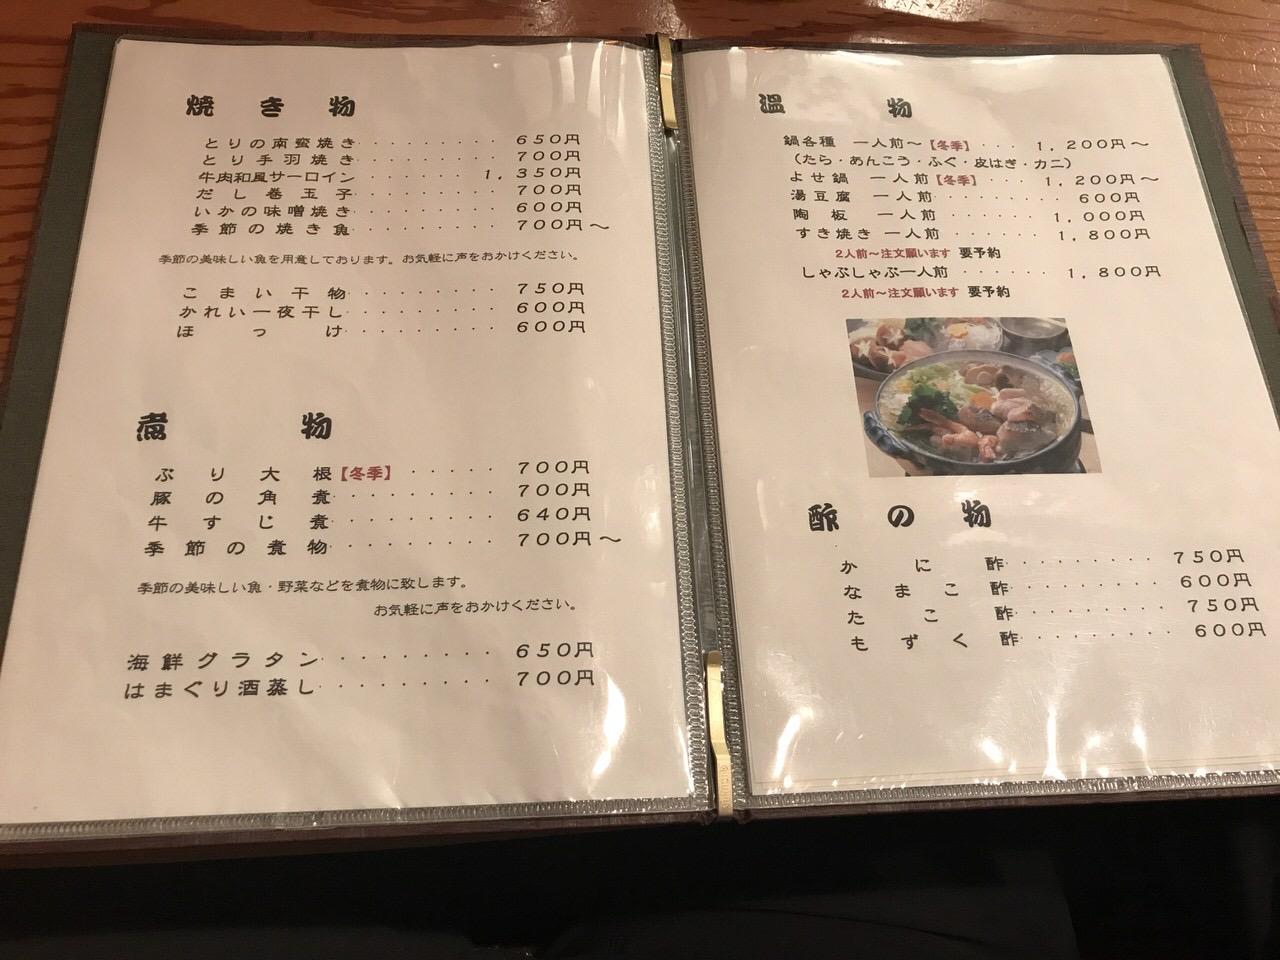 「食菜 かんてき家」入善 12